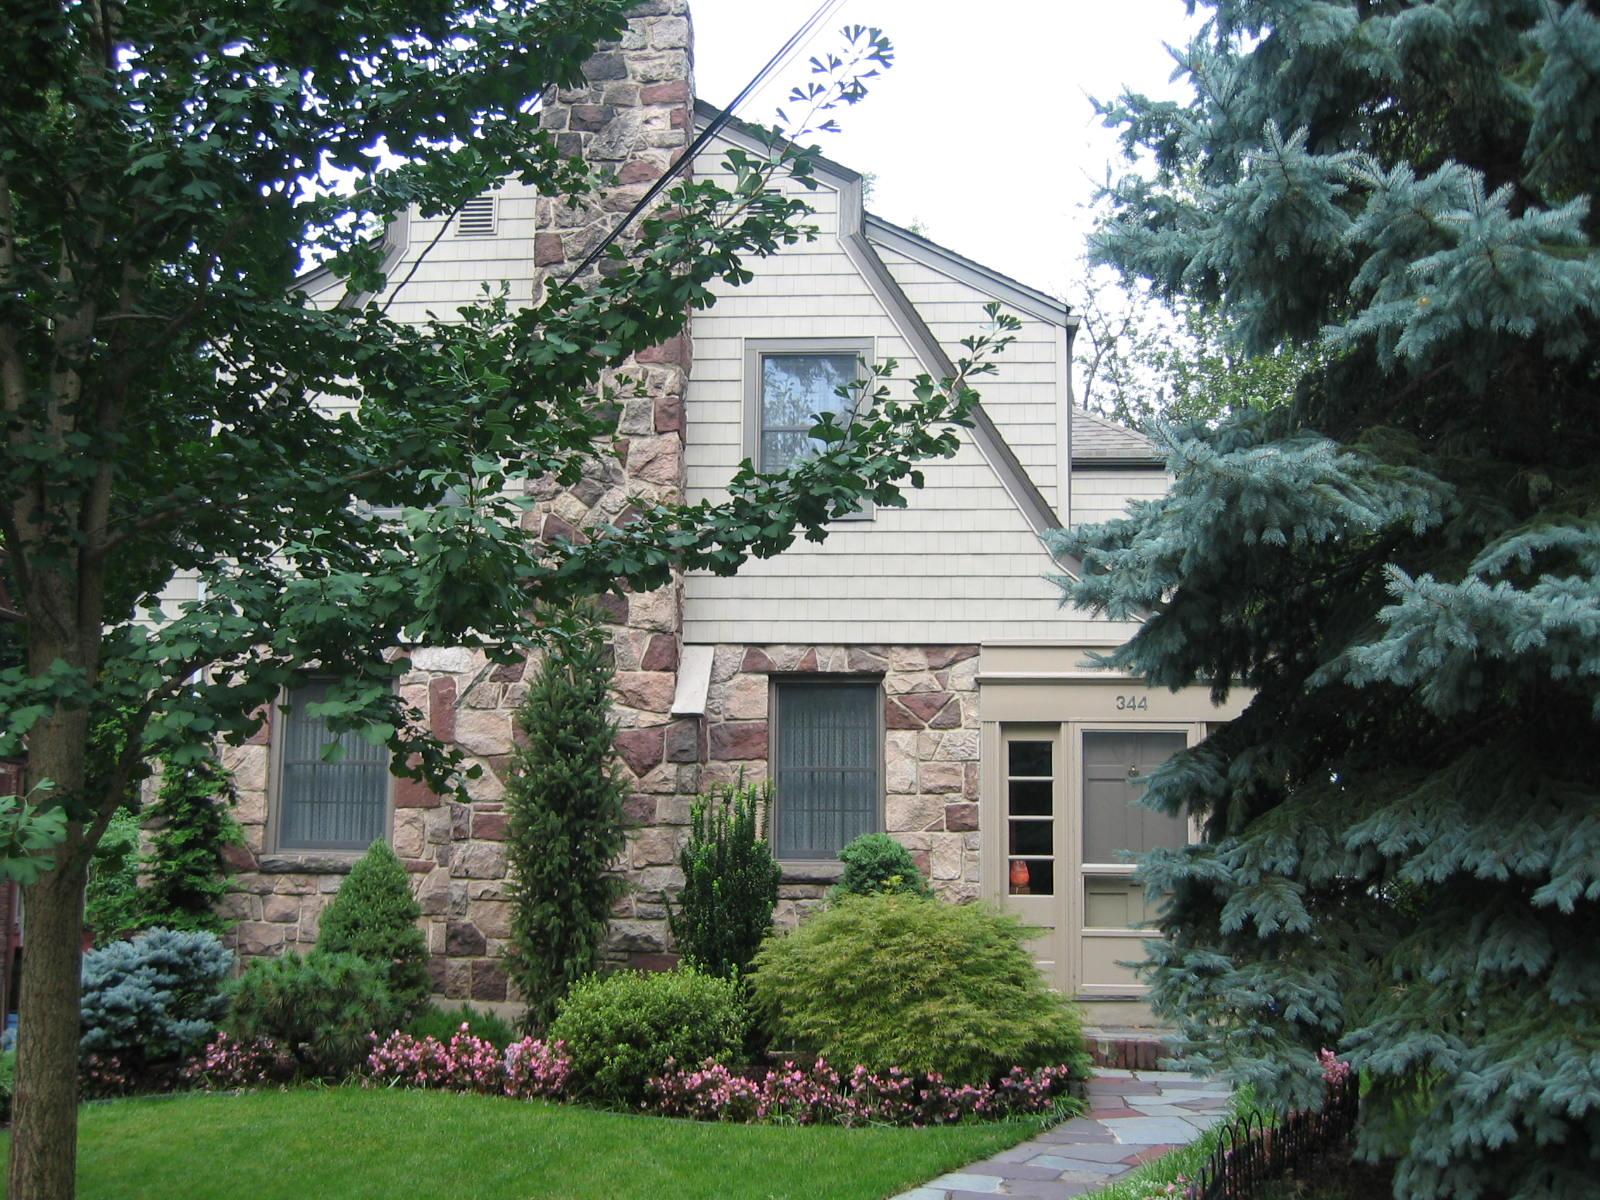 独户住宅 为 销售 在 Classic Field Stone Dutch Colonial 344 Audubon Rd 恩格尔伍德, 新泽西州 07631 美国